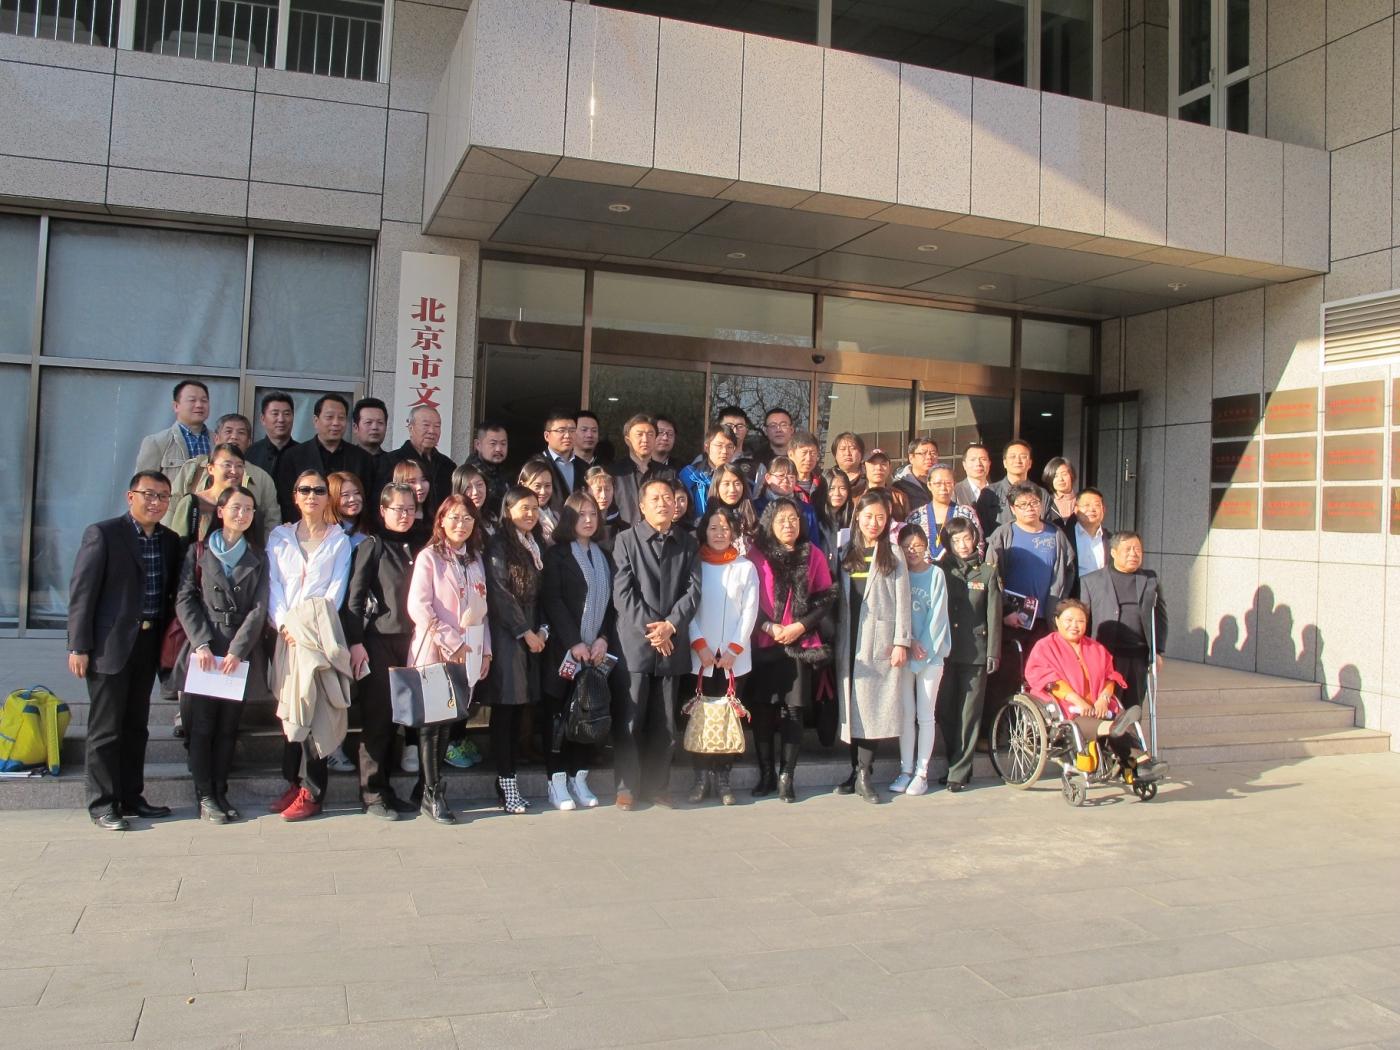 加入北京作家协会随笔_图1-1